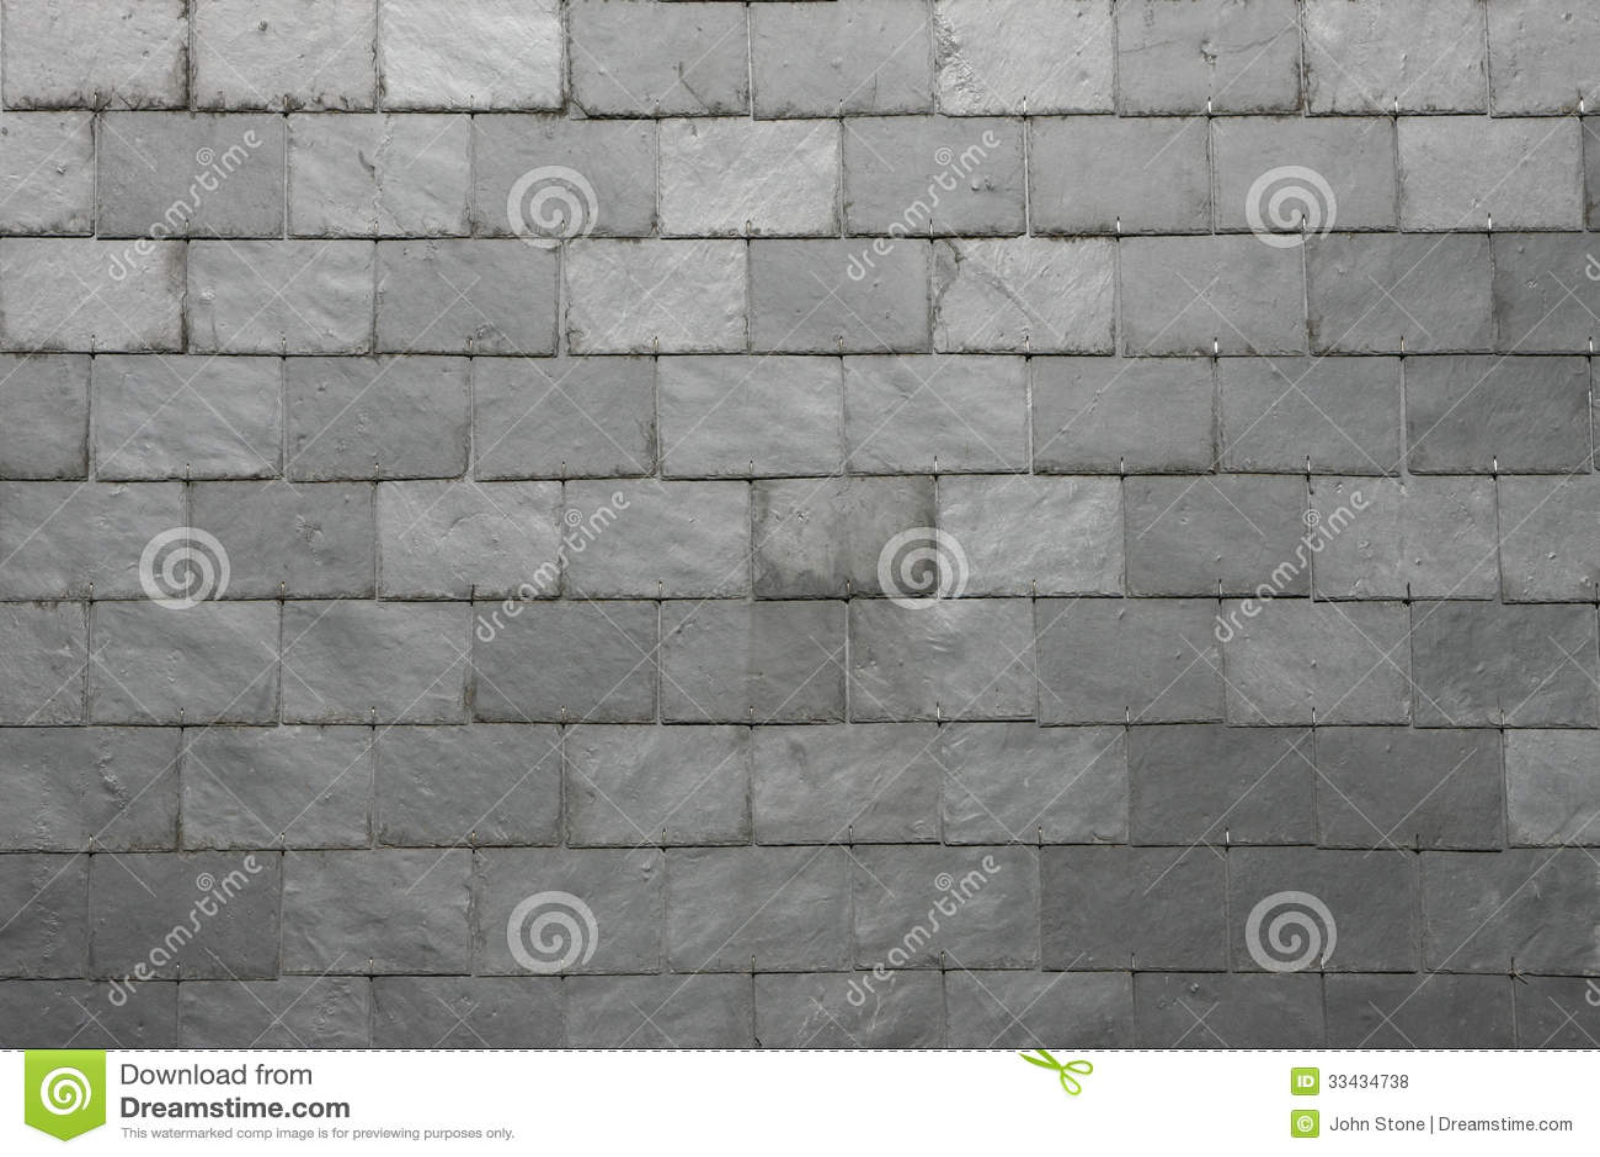 Slate Tile Background Royalty Free Stock Photos Image